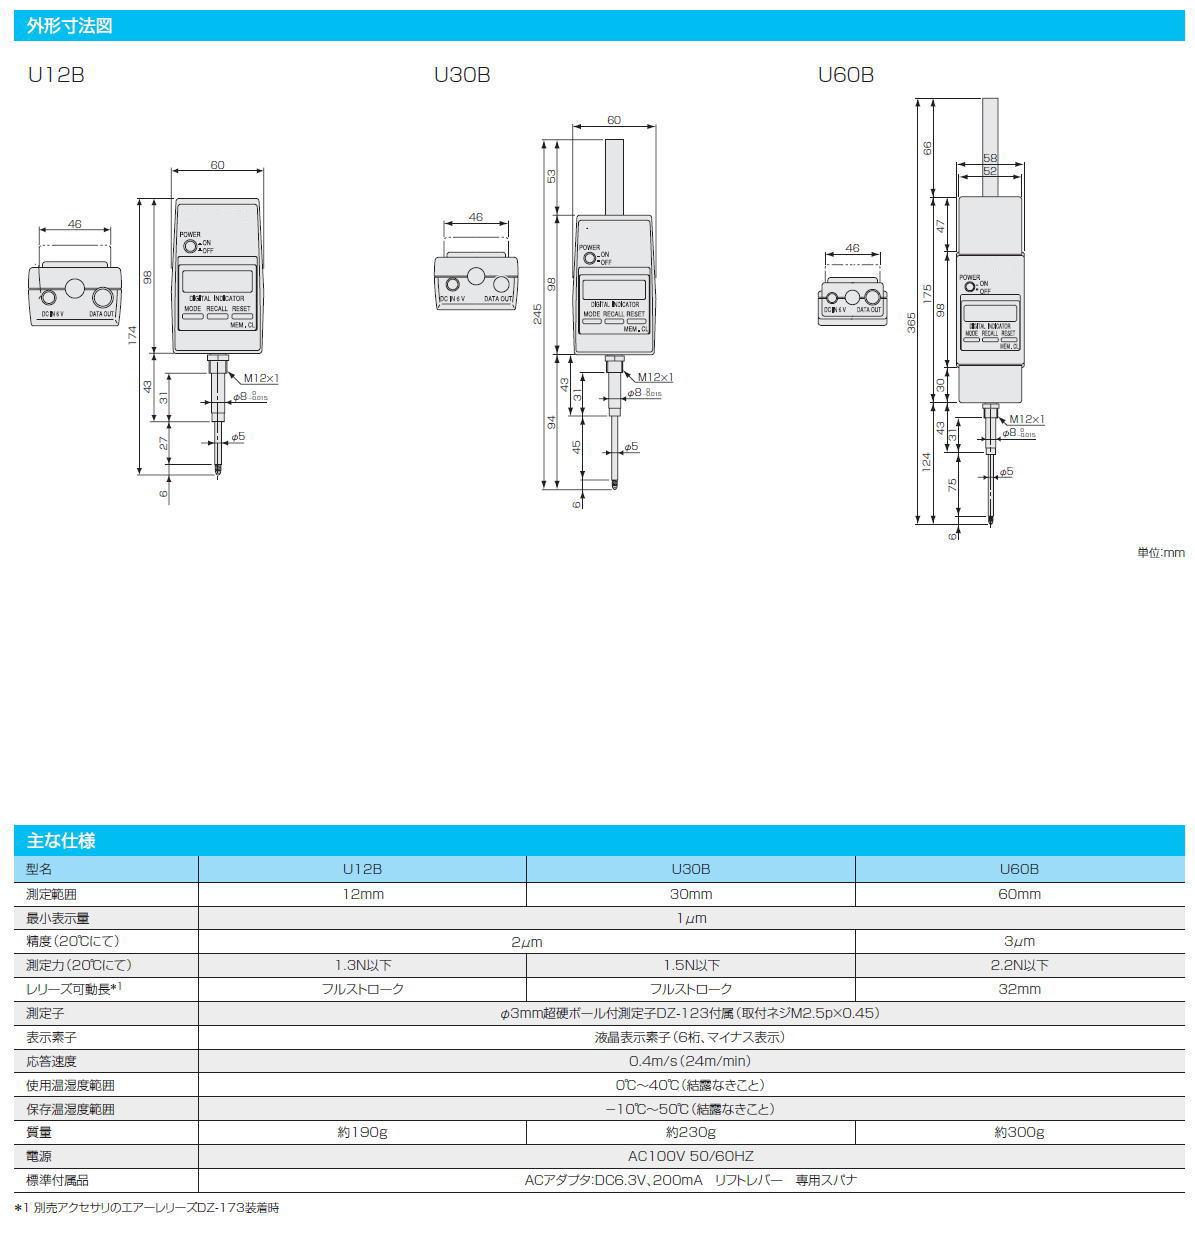 U60B-J デジタルインジケーター ...